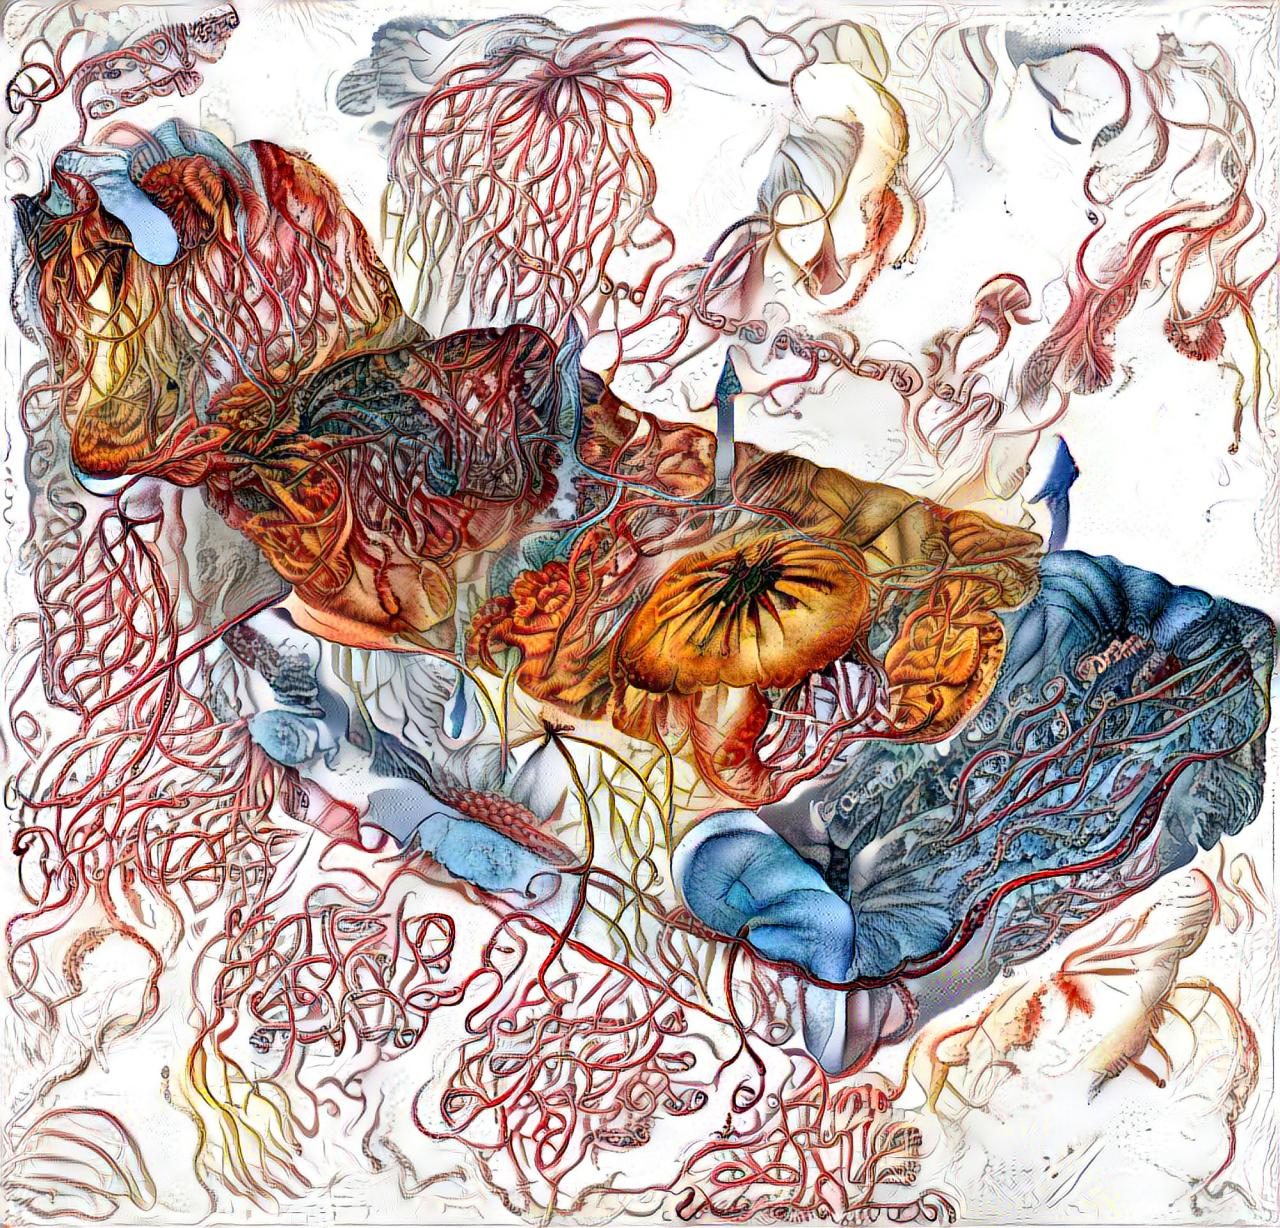 Die Zeichnung ist durch einen Algorithmus animiert, der den Querschnitt des Bodens zeigt, aber anstatt Sedimente eine tiefe Verzahnung zwischen Tieren und ihrer Umgebung.